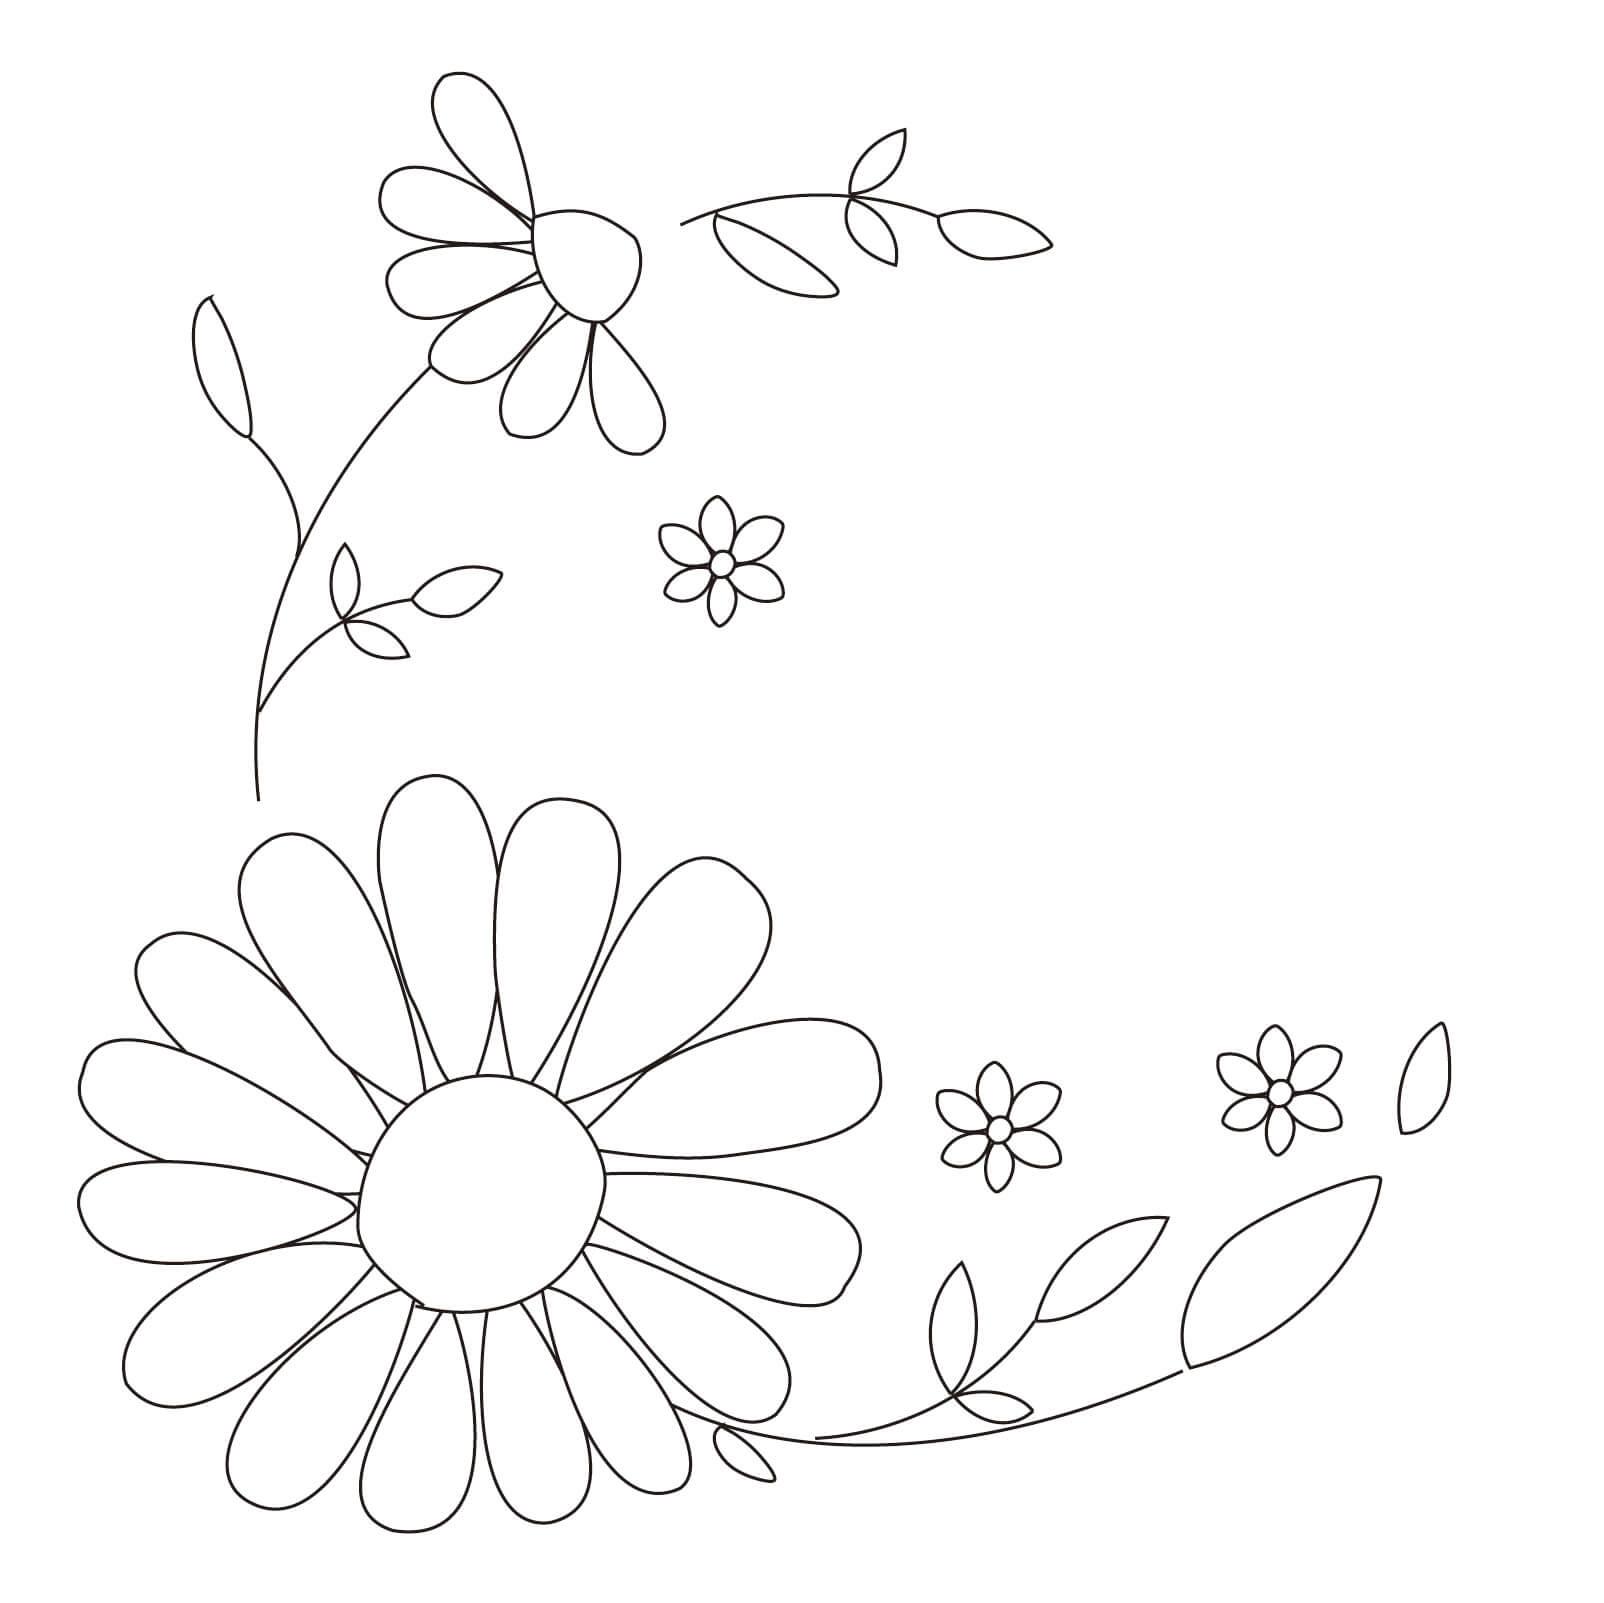 カモミール:刺繍の下絵